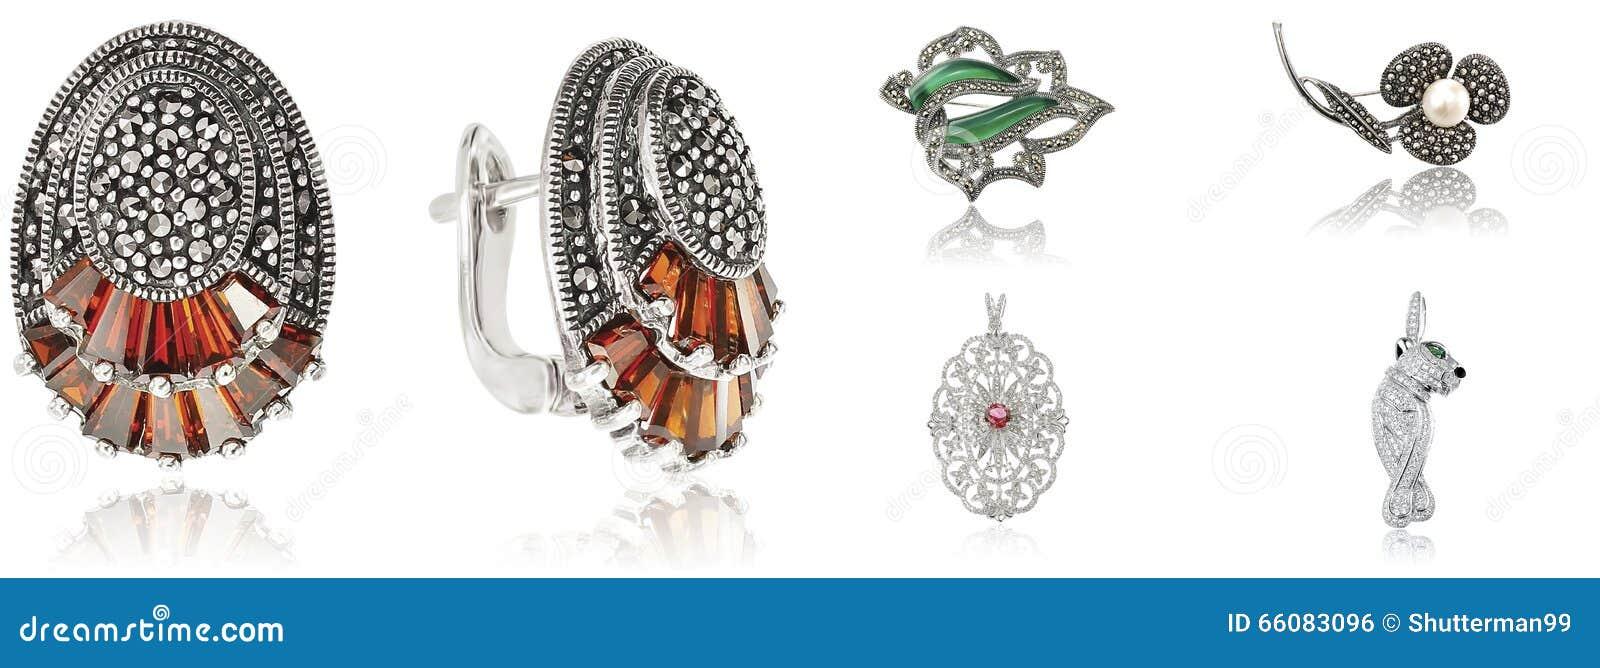 Baner med smycken